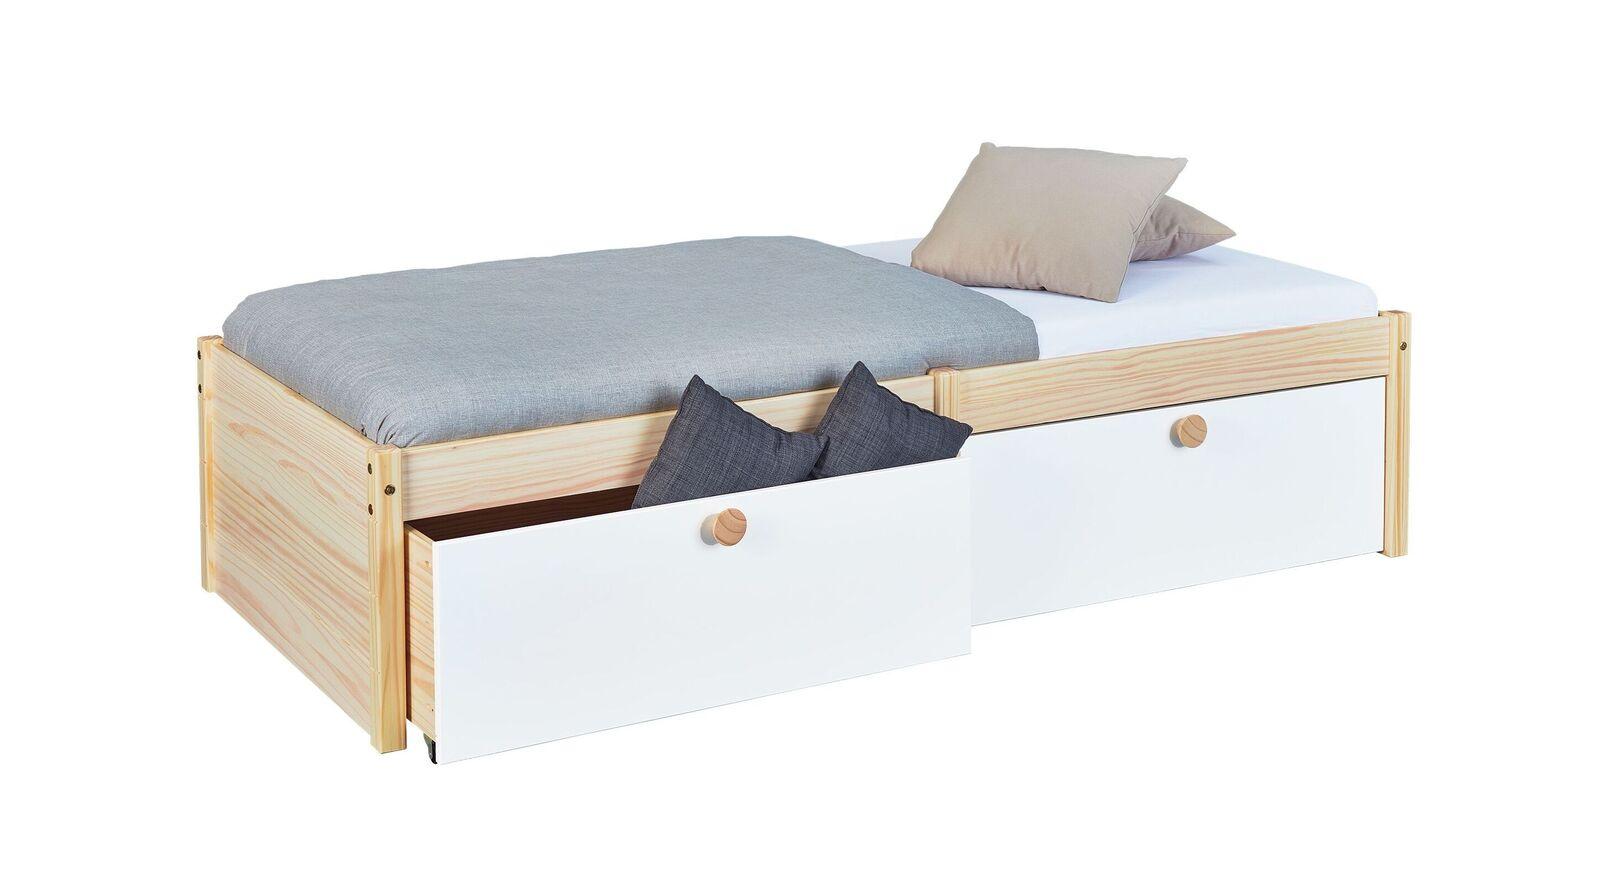 Stabiles und robustes Schubkasten-Bett Saffar